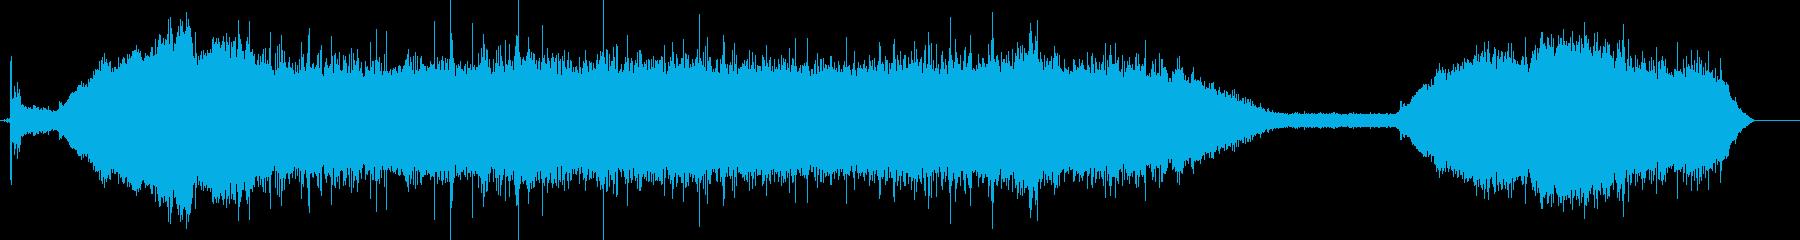 コンパクトカースタートエンジン、5...の再生済みの波形